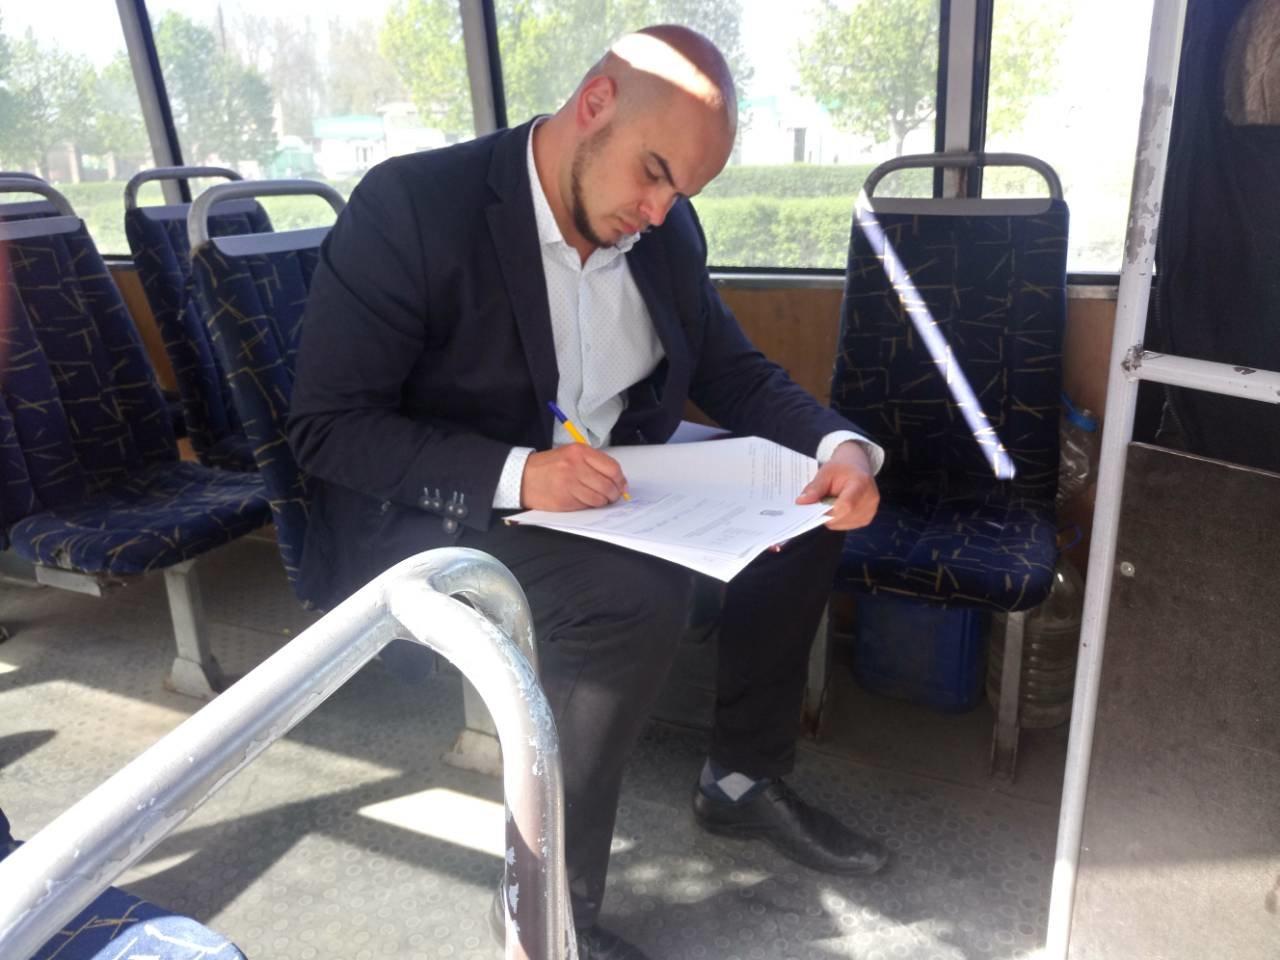 В Николаеве продолжаются проверки качества перевозки пассажиров: проинспектировали автобусные маршруты №3 и №91, фото-4